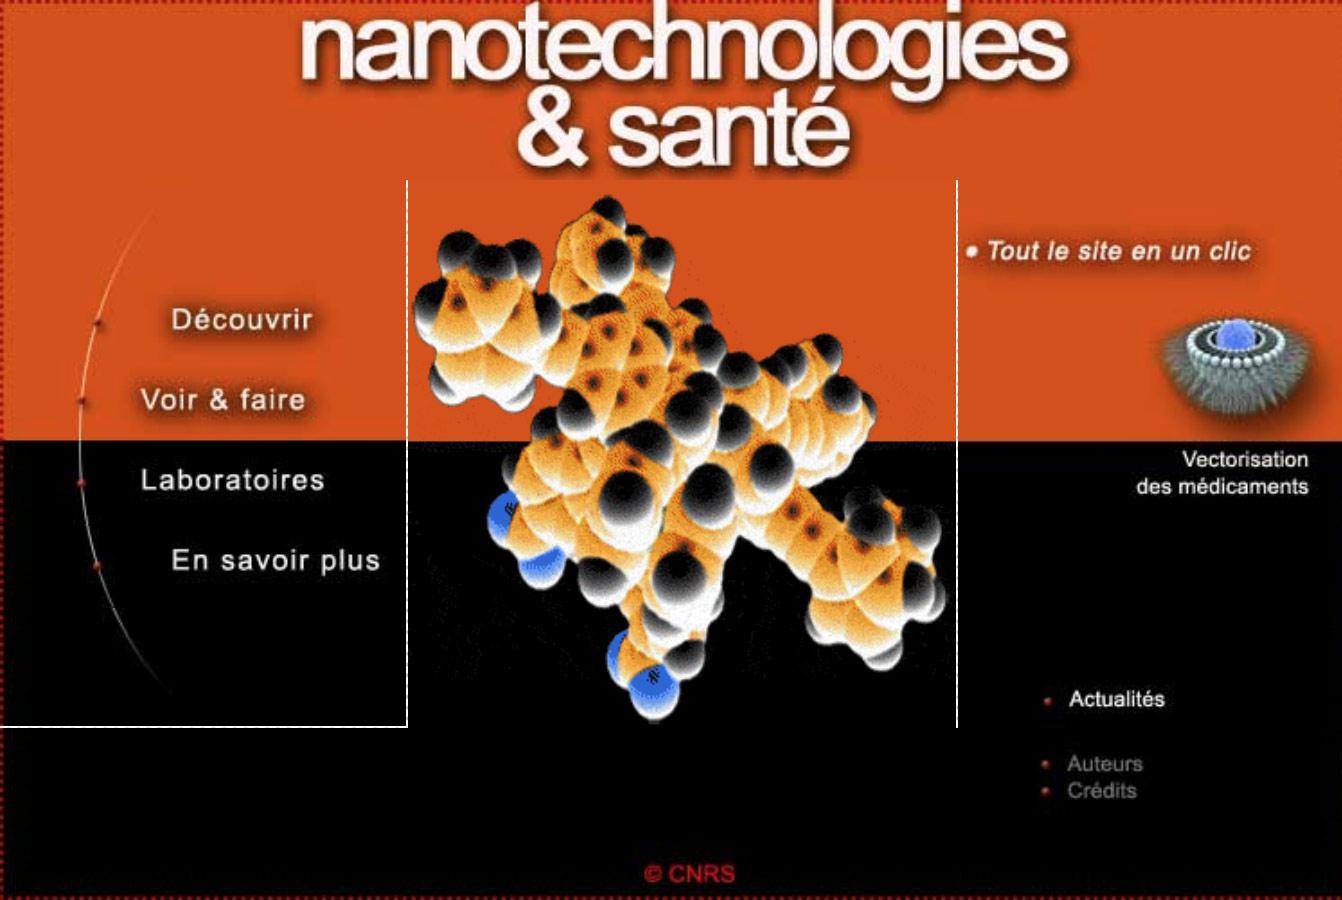 Image Nanotechnologies et santé